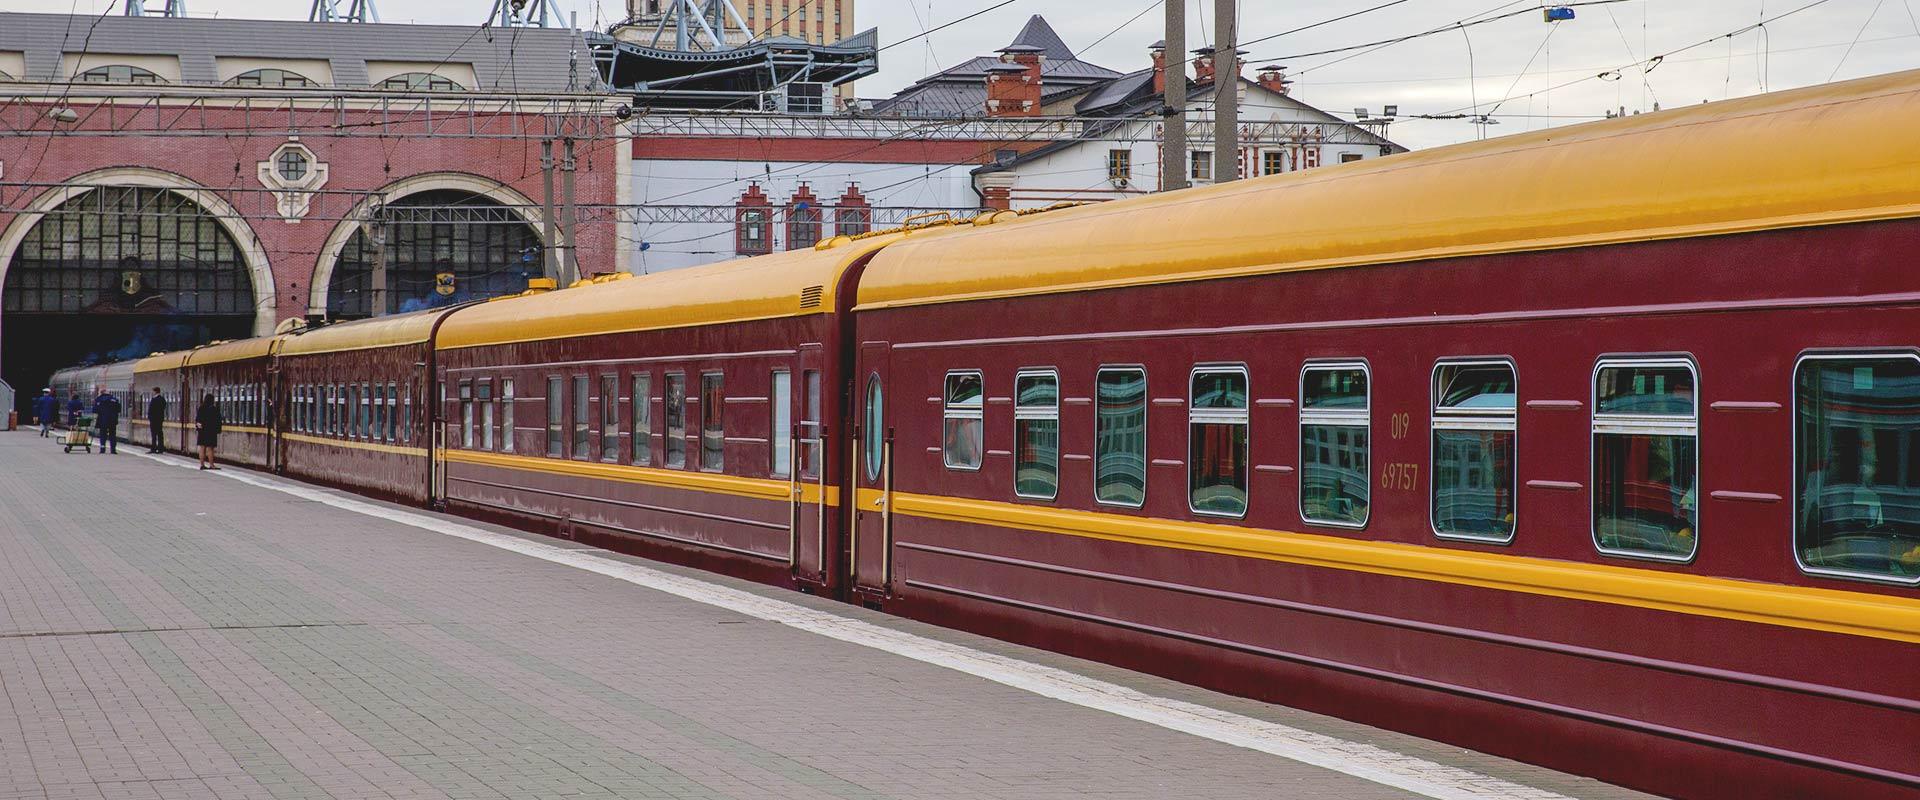 Transiberiano Zarengold de Moscou a Pequim